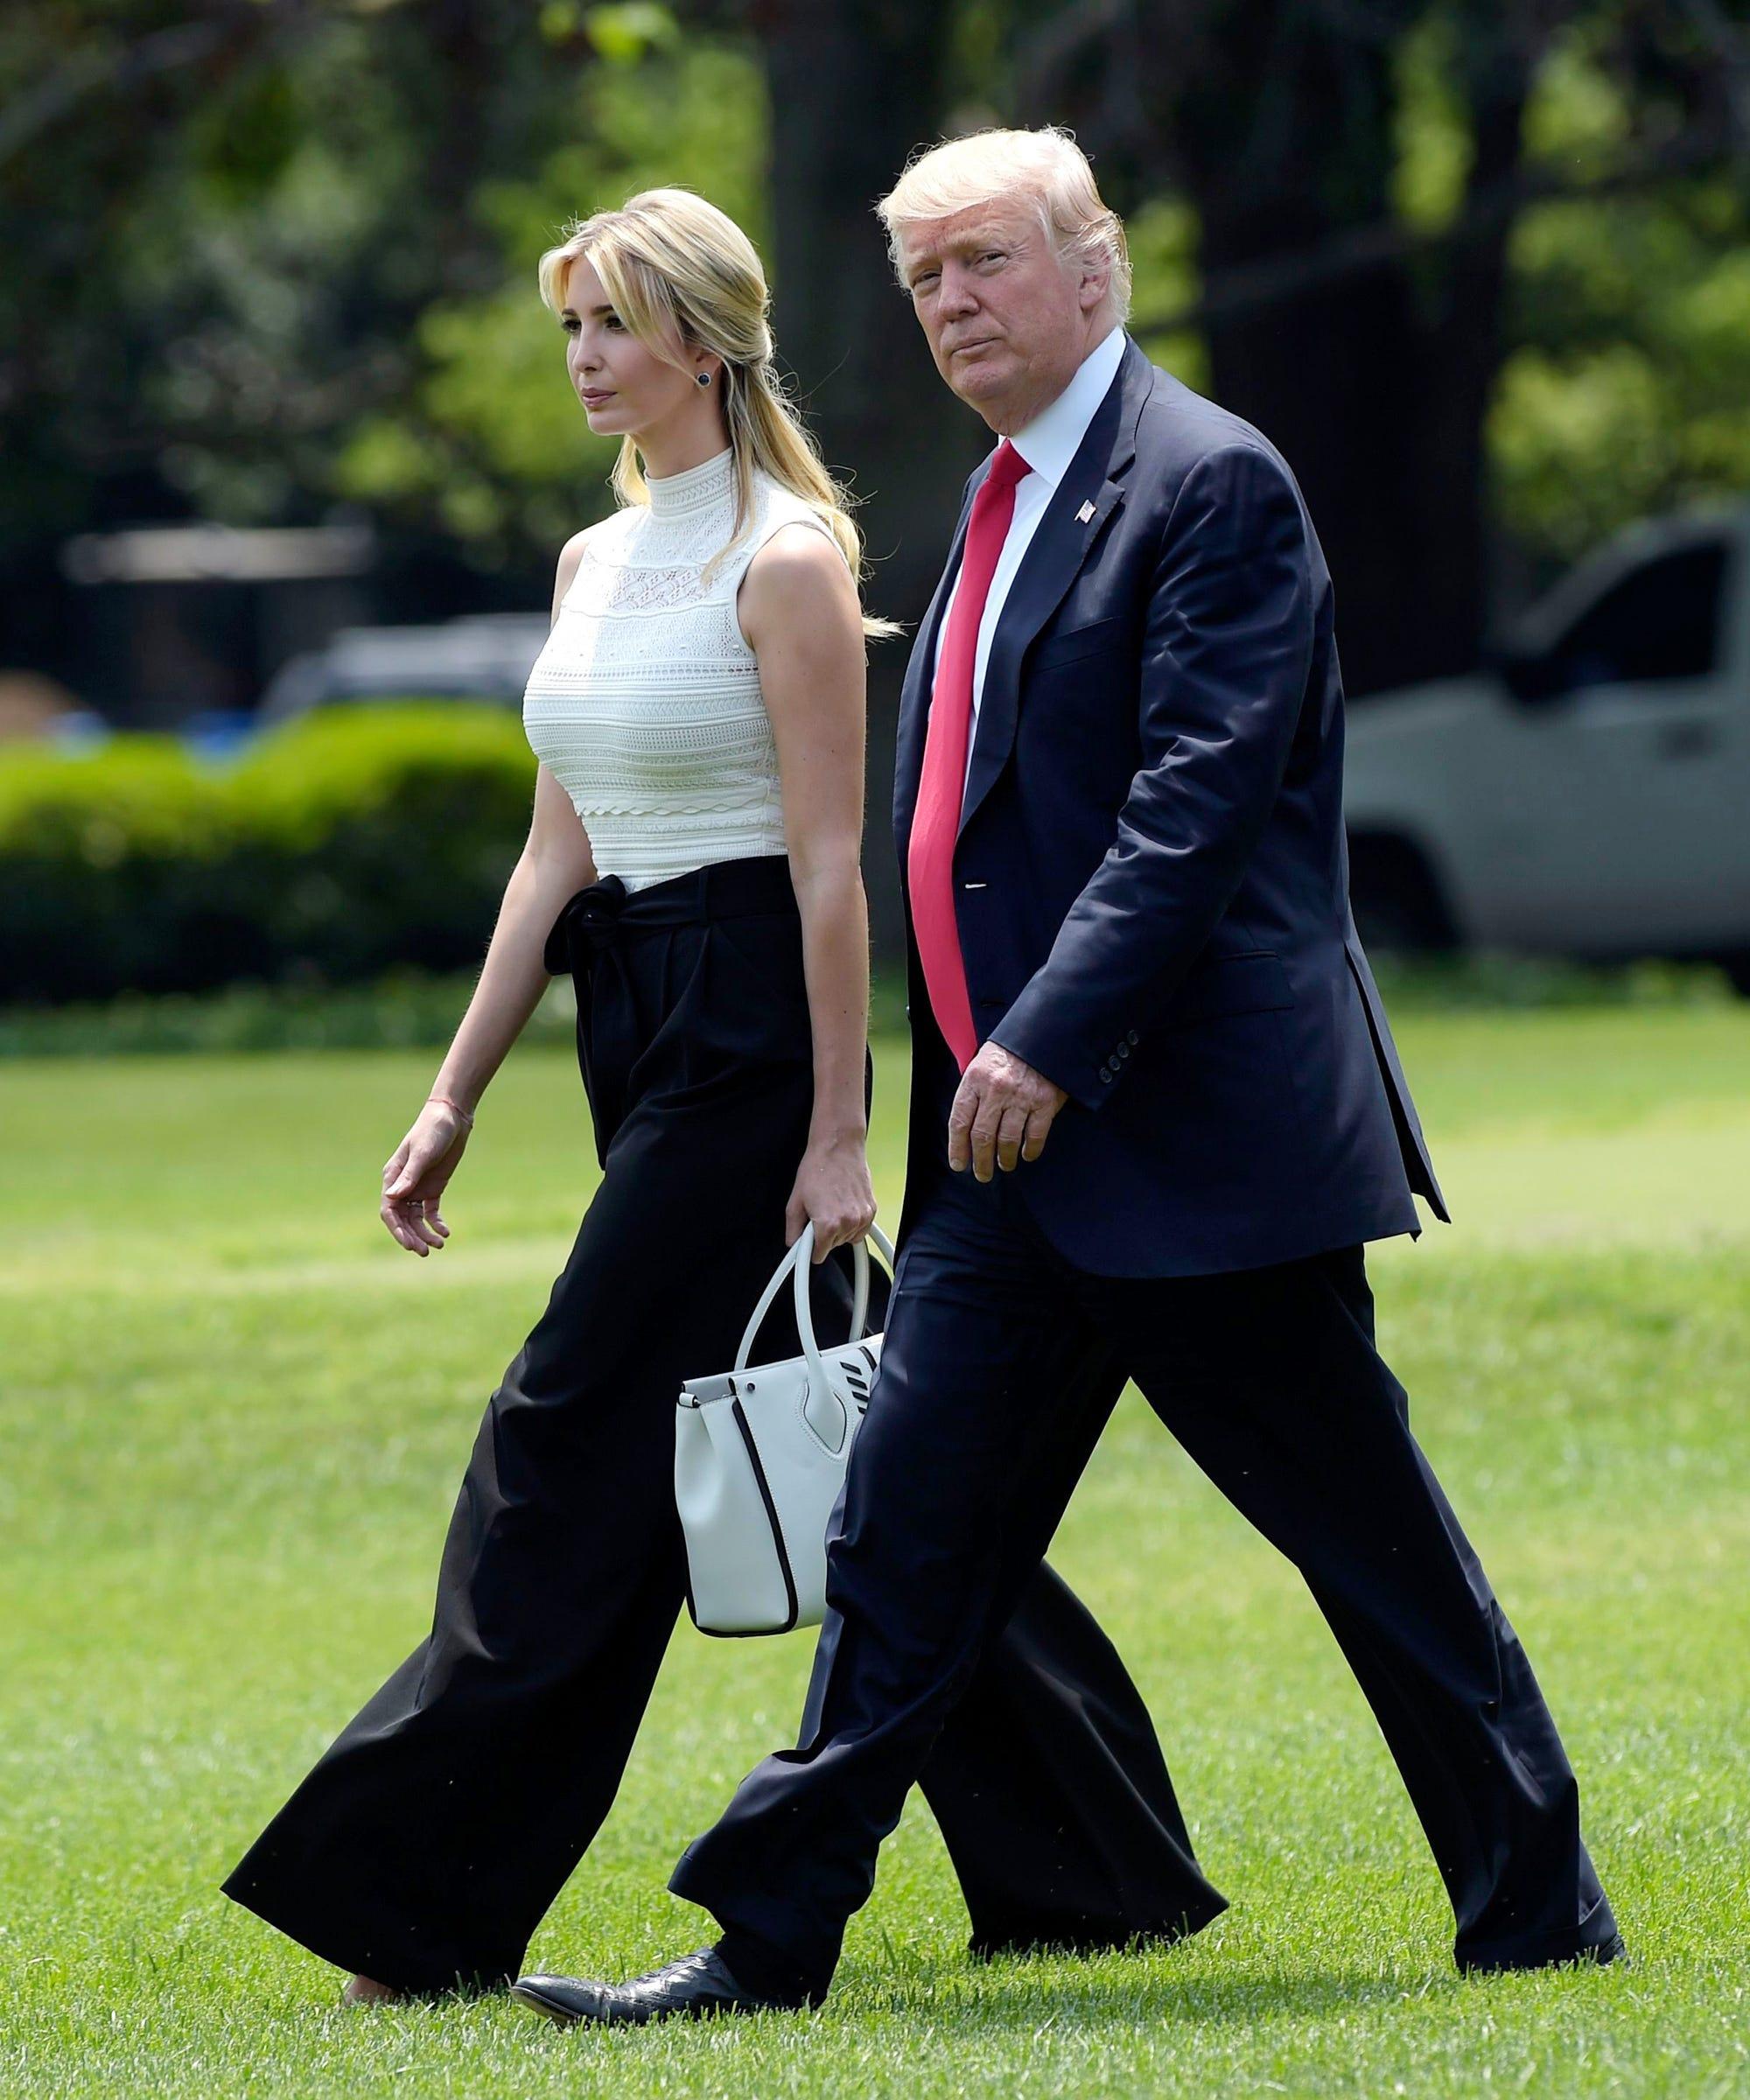 تقارير عن علاقة مشبوهة بين إيفانكا ترامب ووالدها دونالد ترامب